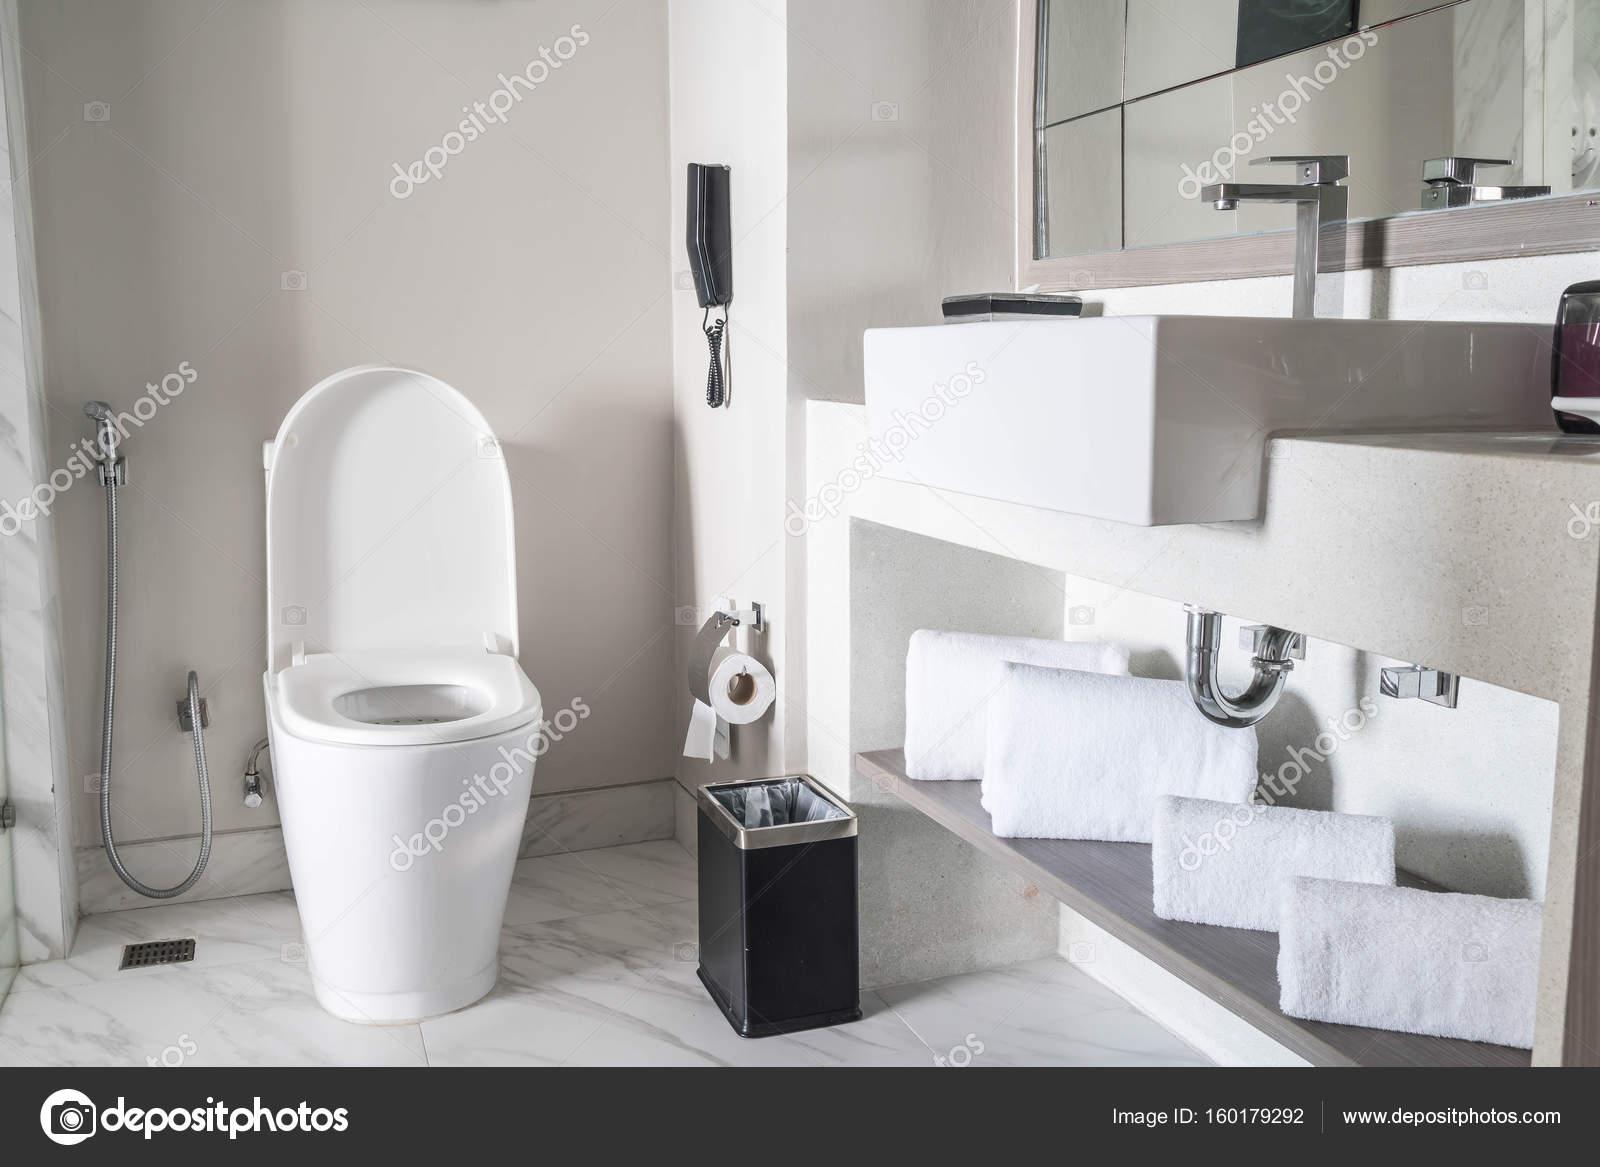 Decoratie toilet idée toilettes zen